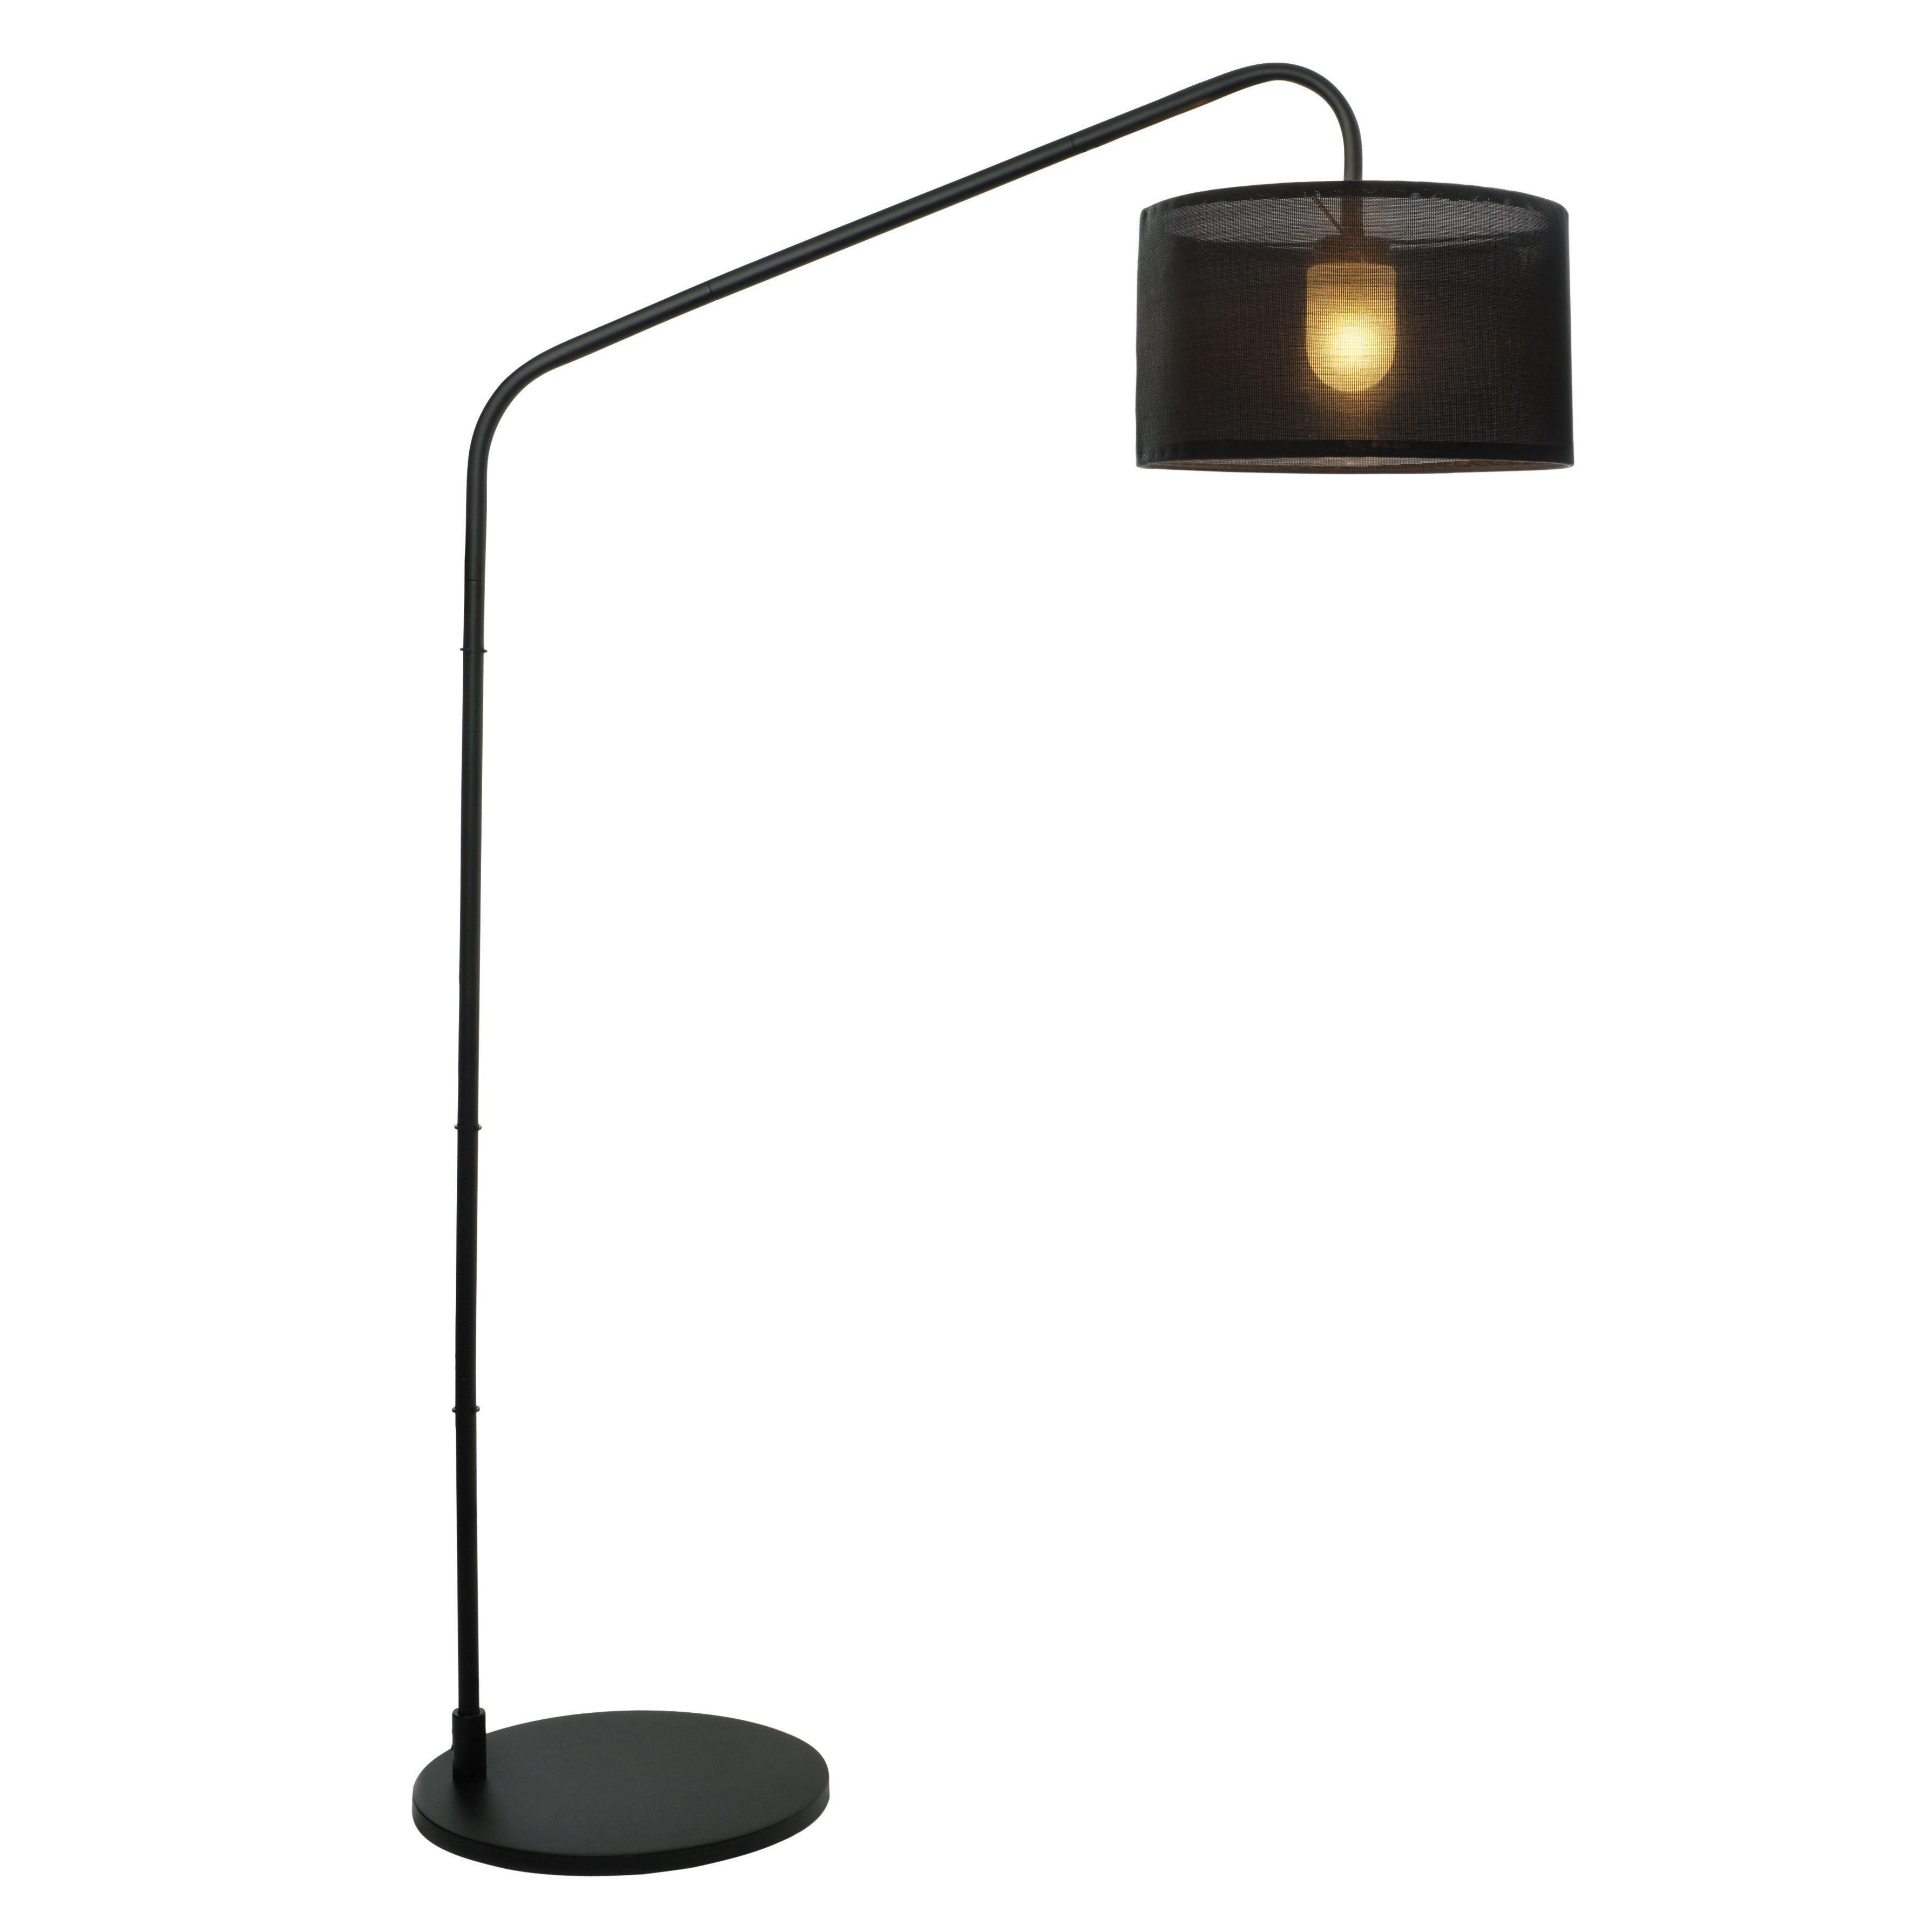 Aporia Black Outdoor Floor Lamp | Departments | DIY at B&Q.